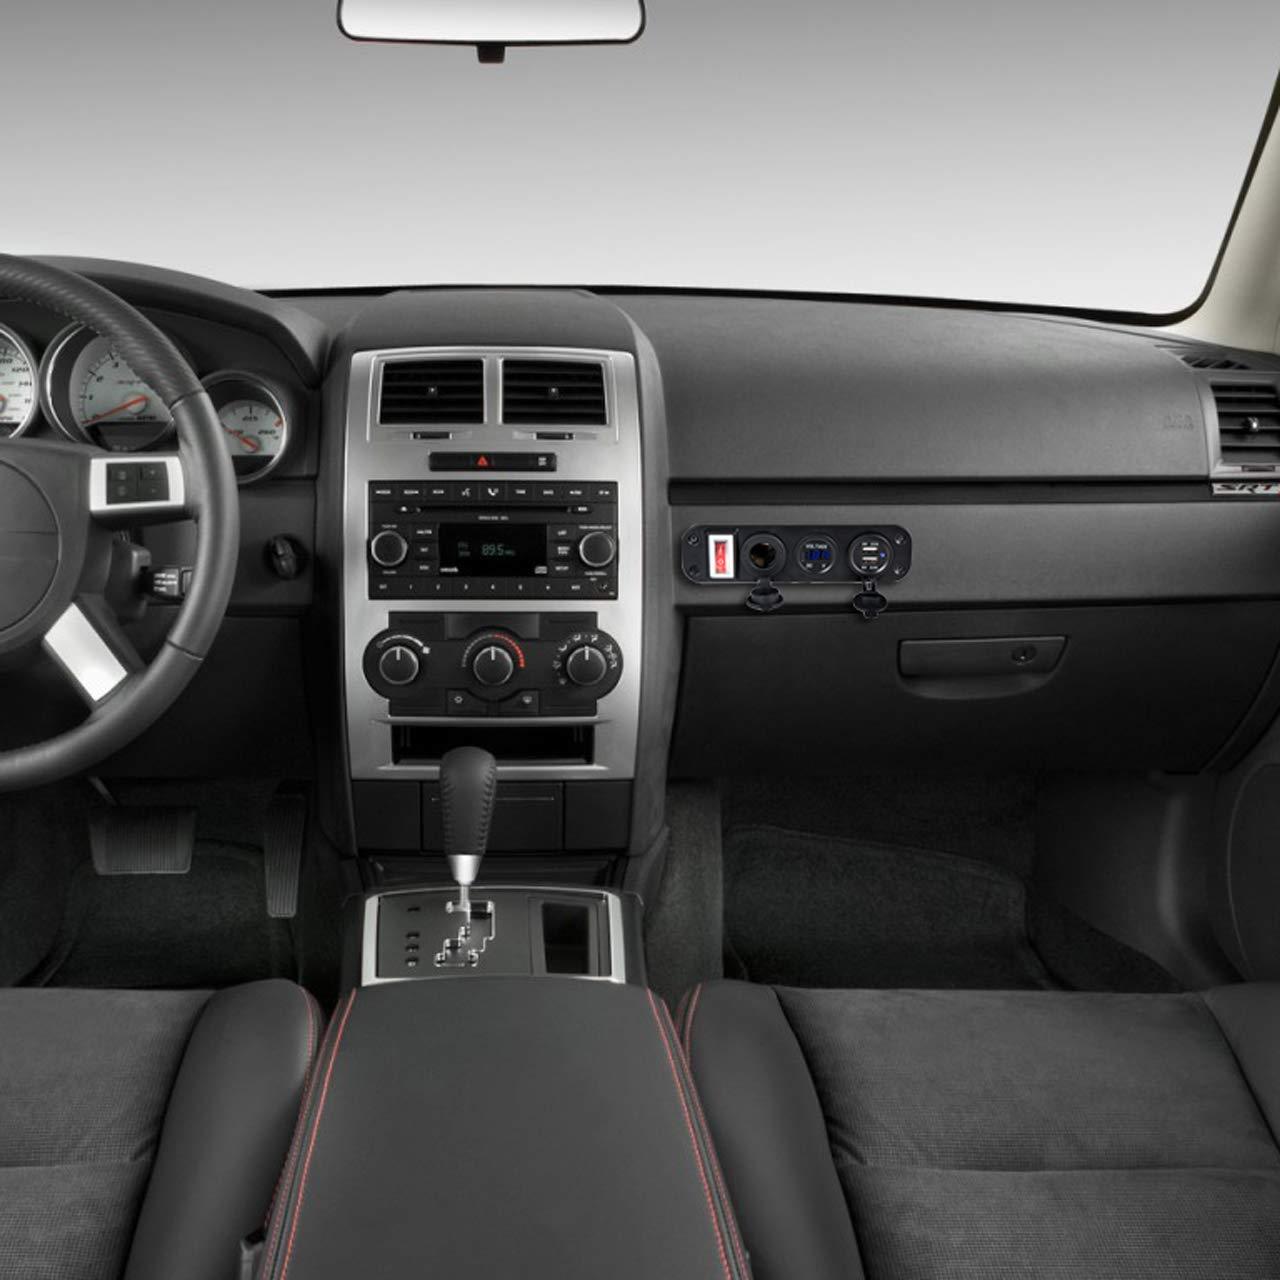 ACBungji Caricatore Dual USB 12 V presa LED voltmetro per 12 V 24 V auto barca marina auto camion moto RV SUV UTV ATV veicoli GPS cellulare 3 fori Panel con interruttore 3 in 1 blu voltmetro